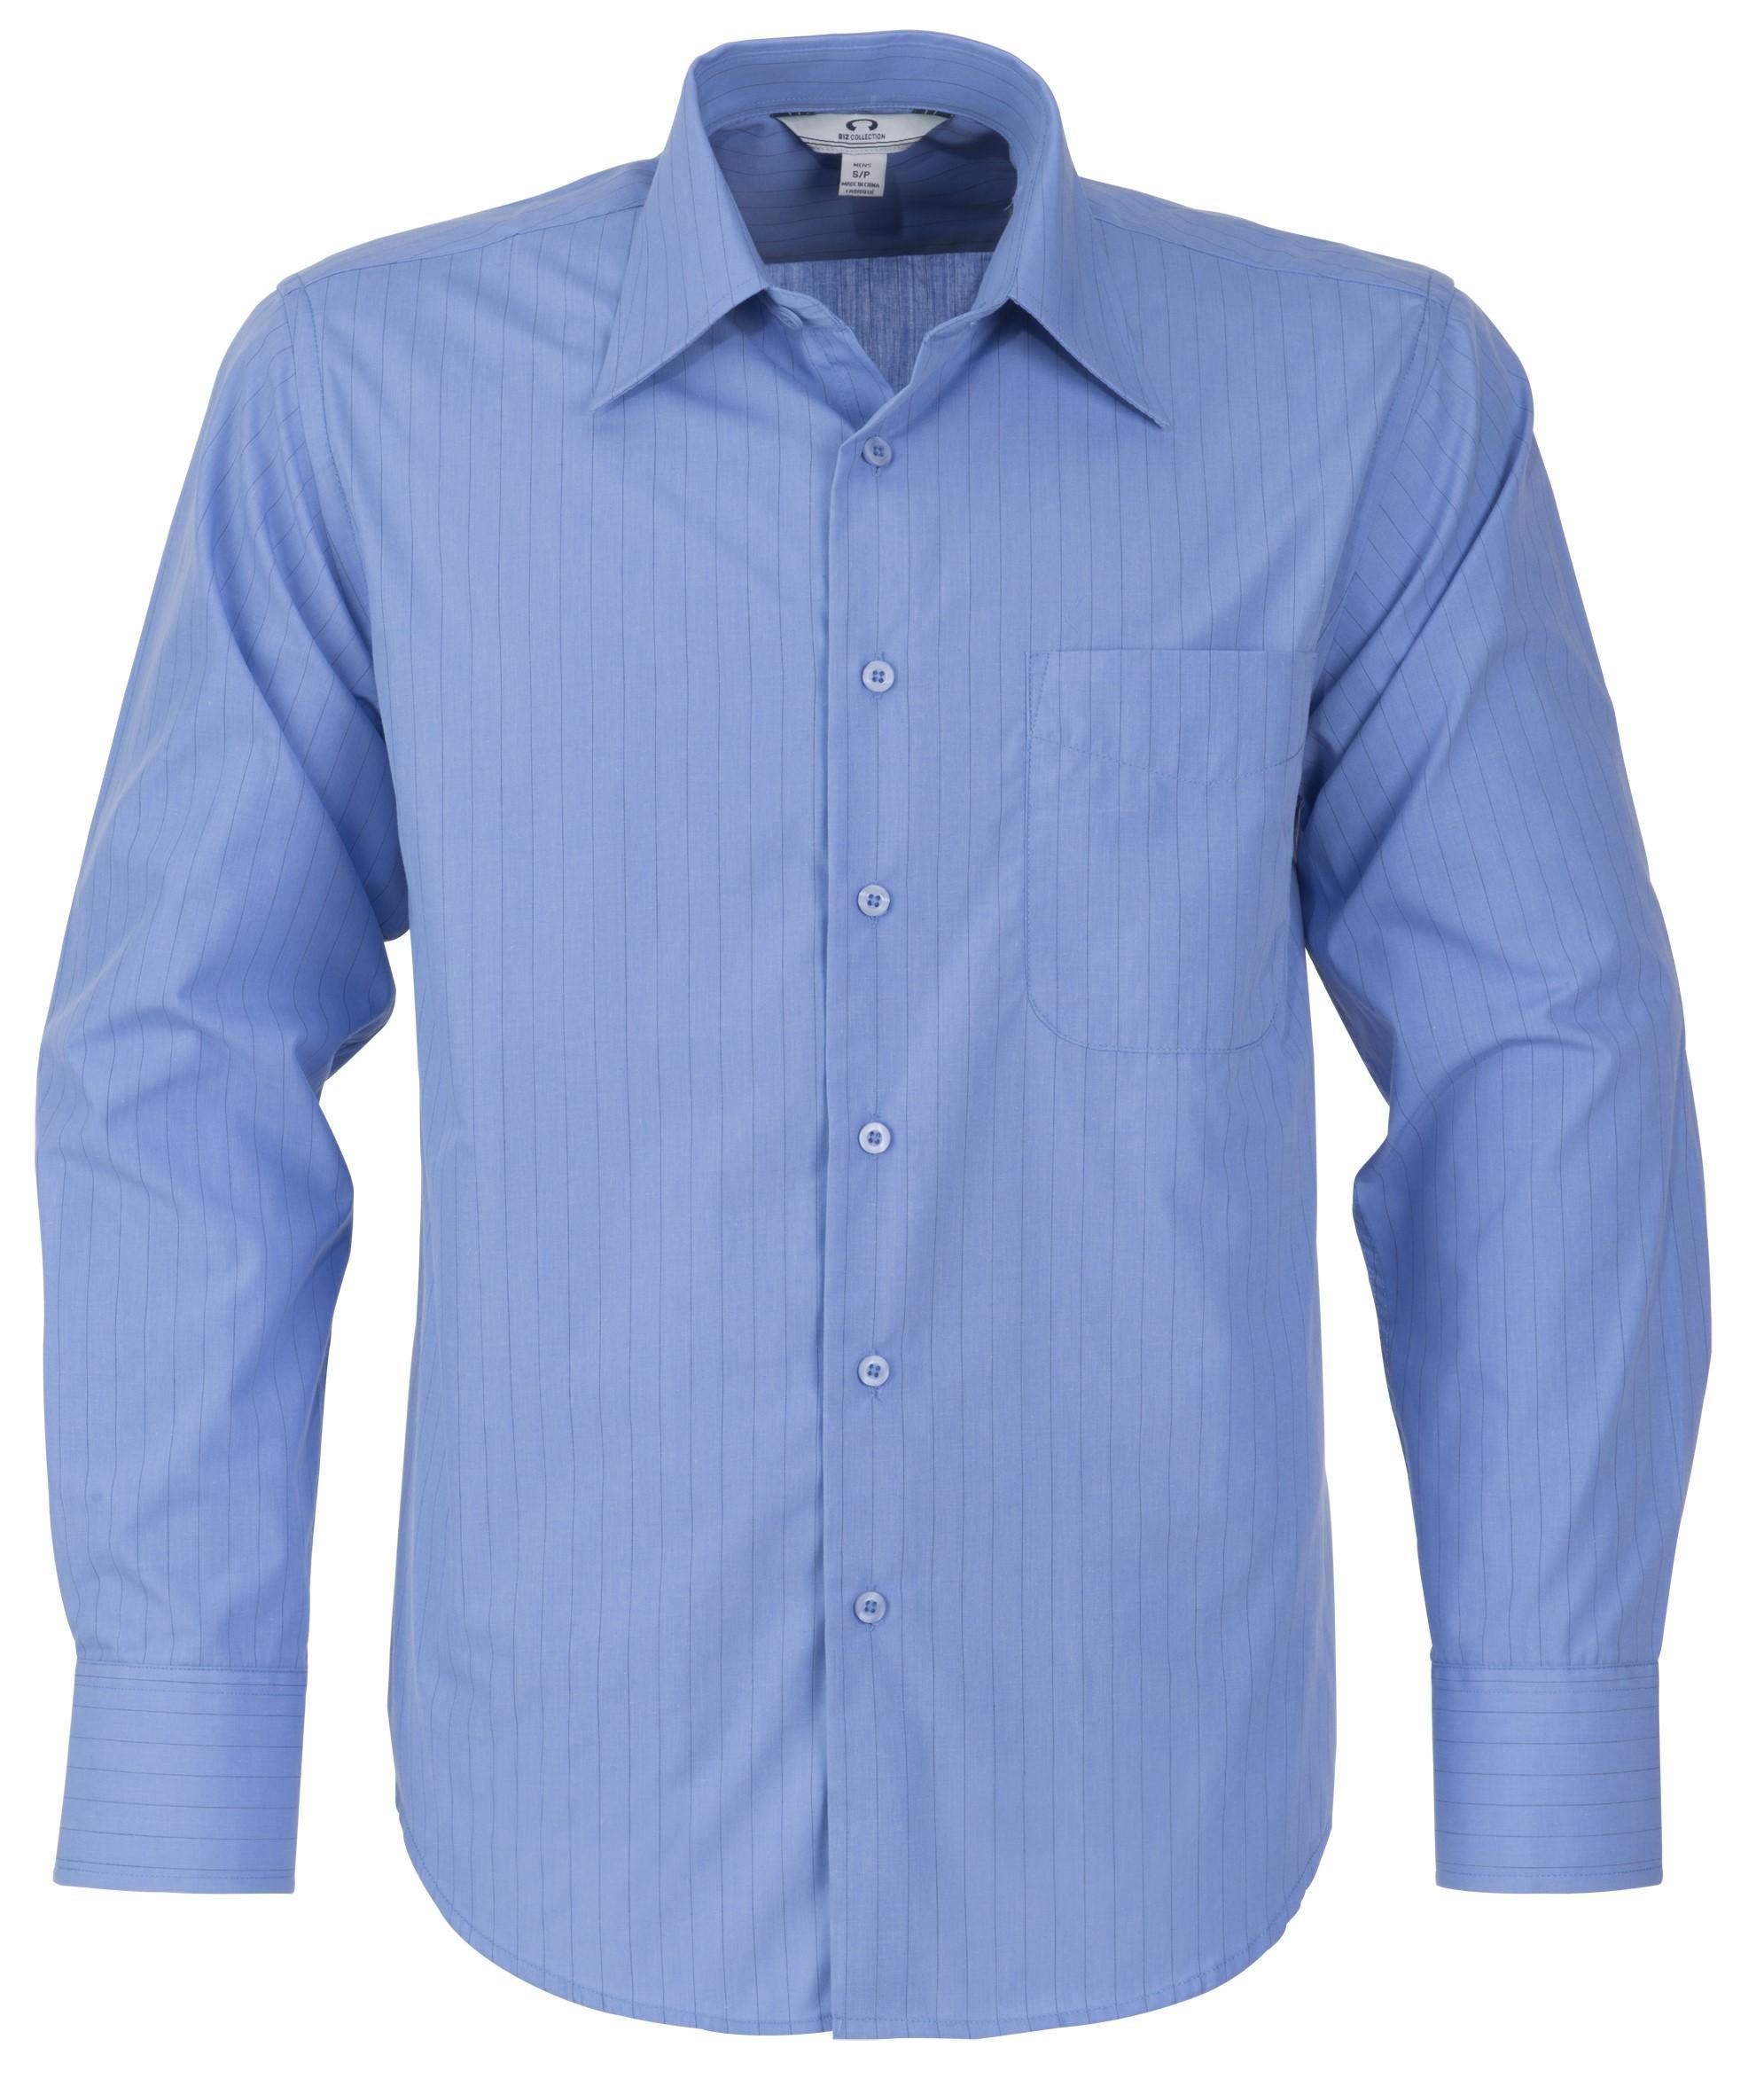 Mens Long Sleeve Manhattan Striped Shirt - Light Blue Only